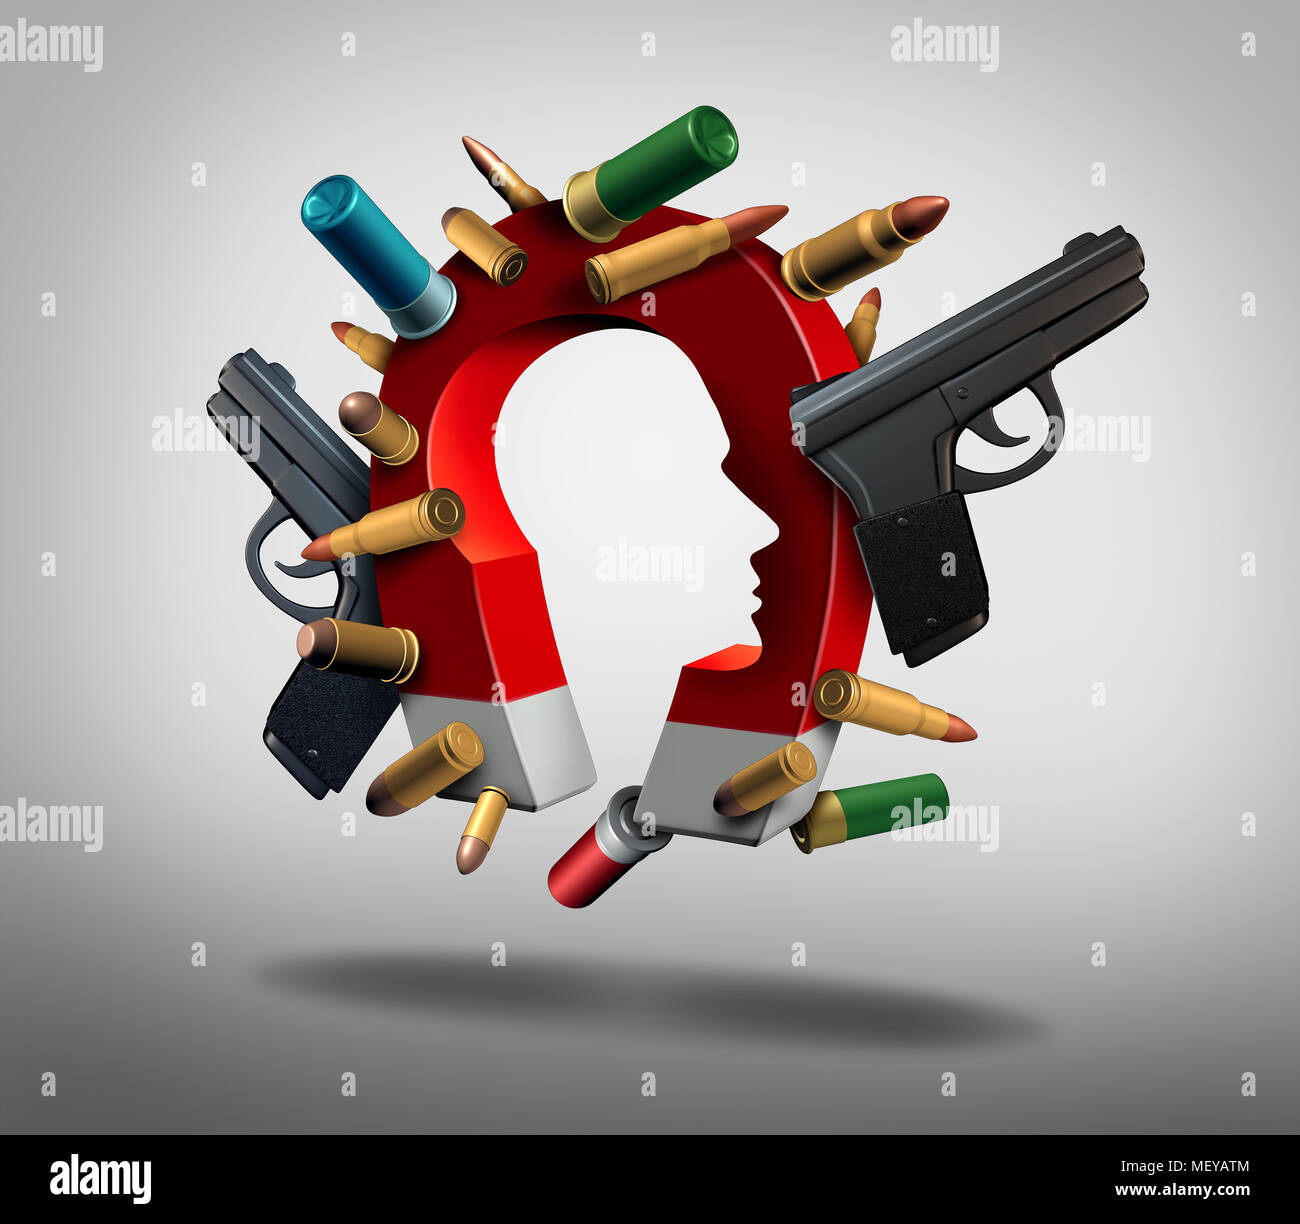 Atracción para pistolas y social o de la sociedad de seguridad relativas a la psicología de la gente y de las armas de fuego y la cultura de las armas como una ilustración 3D. Imagen De Stock